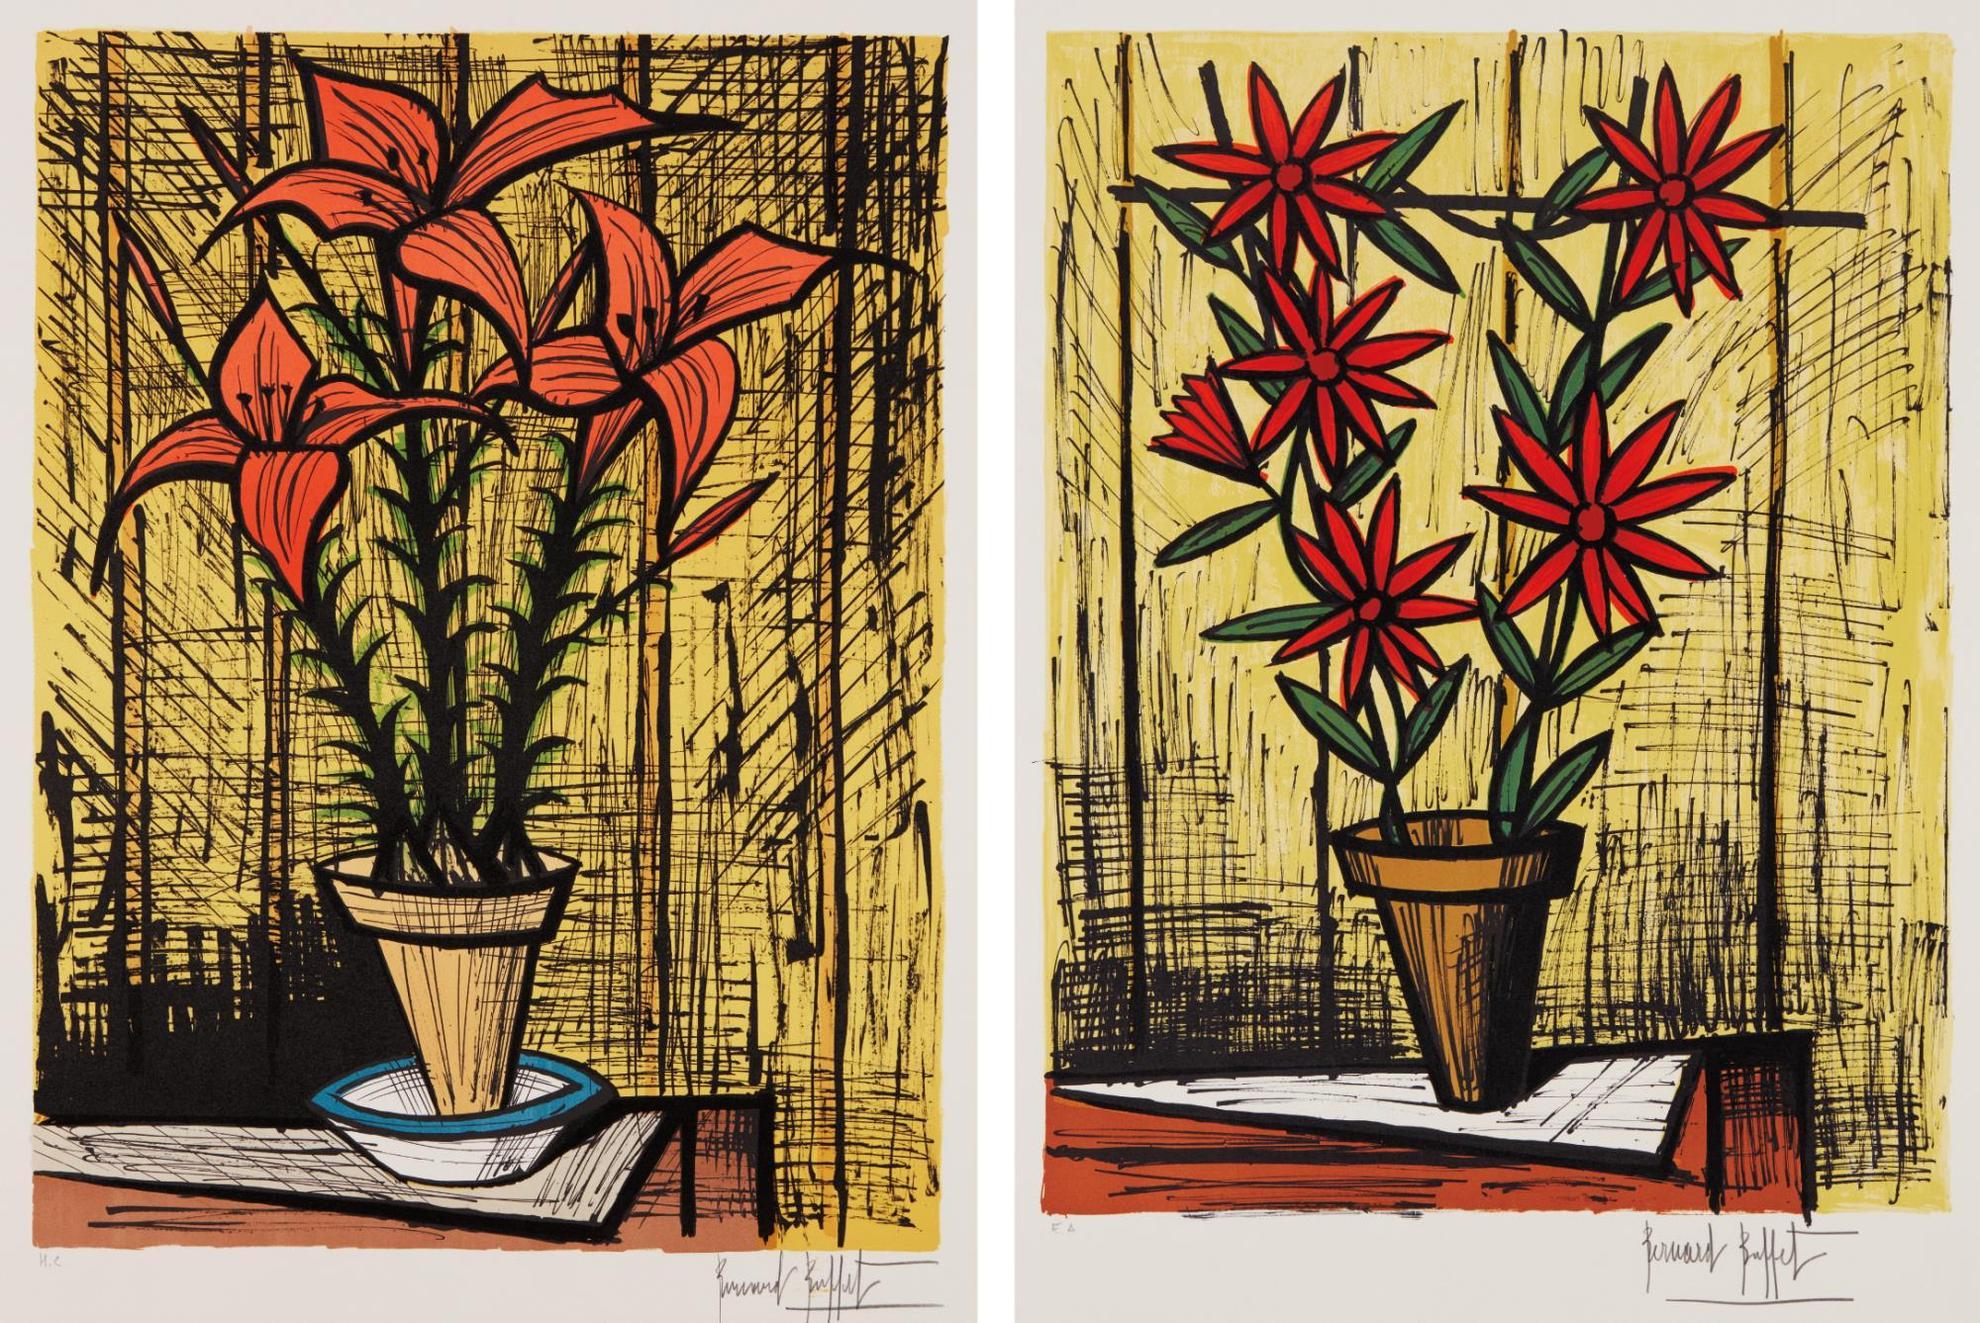 Bernard Buffet-Marguerites Rouges (Red Daisies), And Fleurs Oranges Dans Un Pot (Orange Flowers In A Pot)-1983